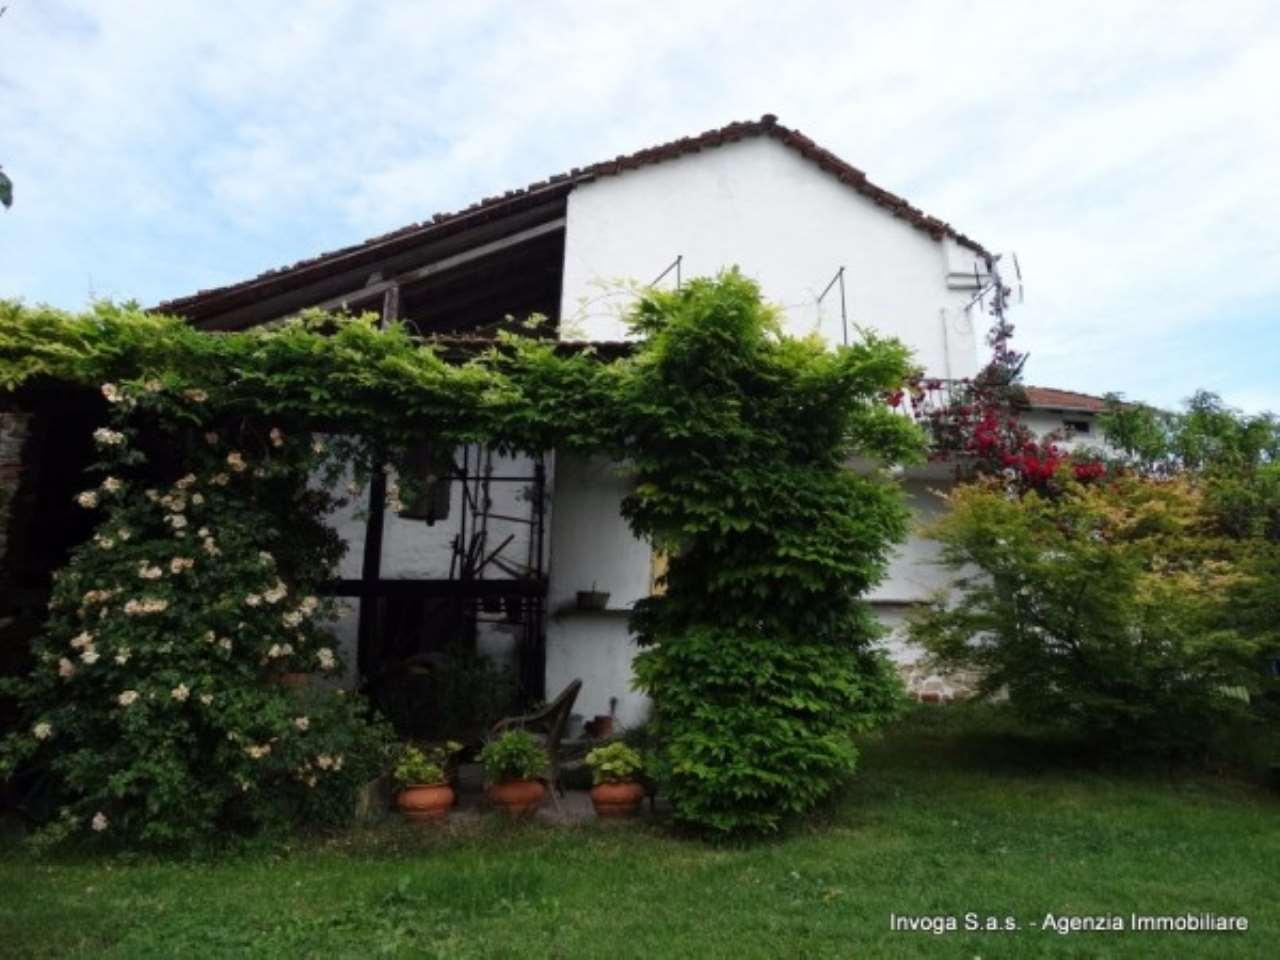 Soluzione Indipendente in vendita a Alice Bel Colle, 4 locali, prezzo € 50.000 | Cambio Casa.it